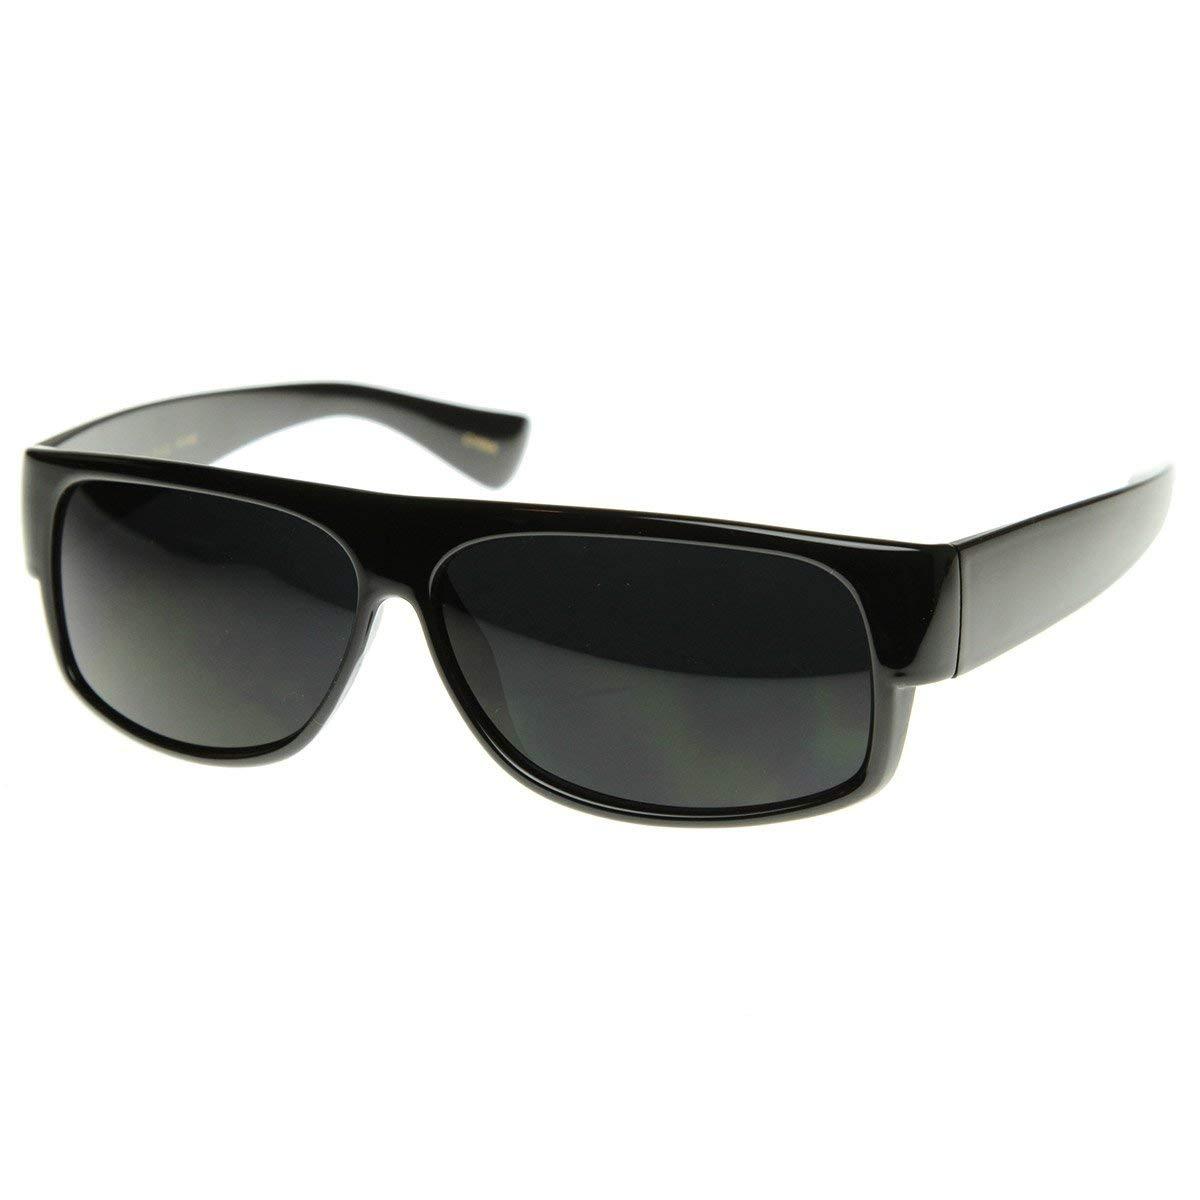 f5f8e681d3 Buy Original OG Mad Dogger Locs Shades Sunglasses w  Super Dark Lens ...